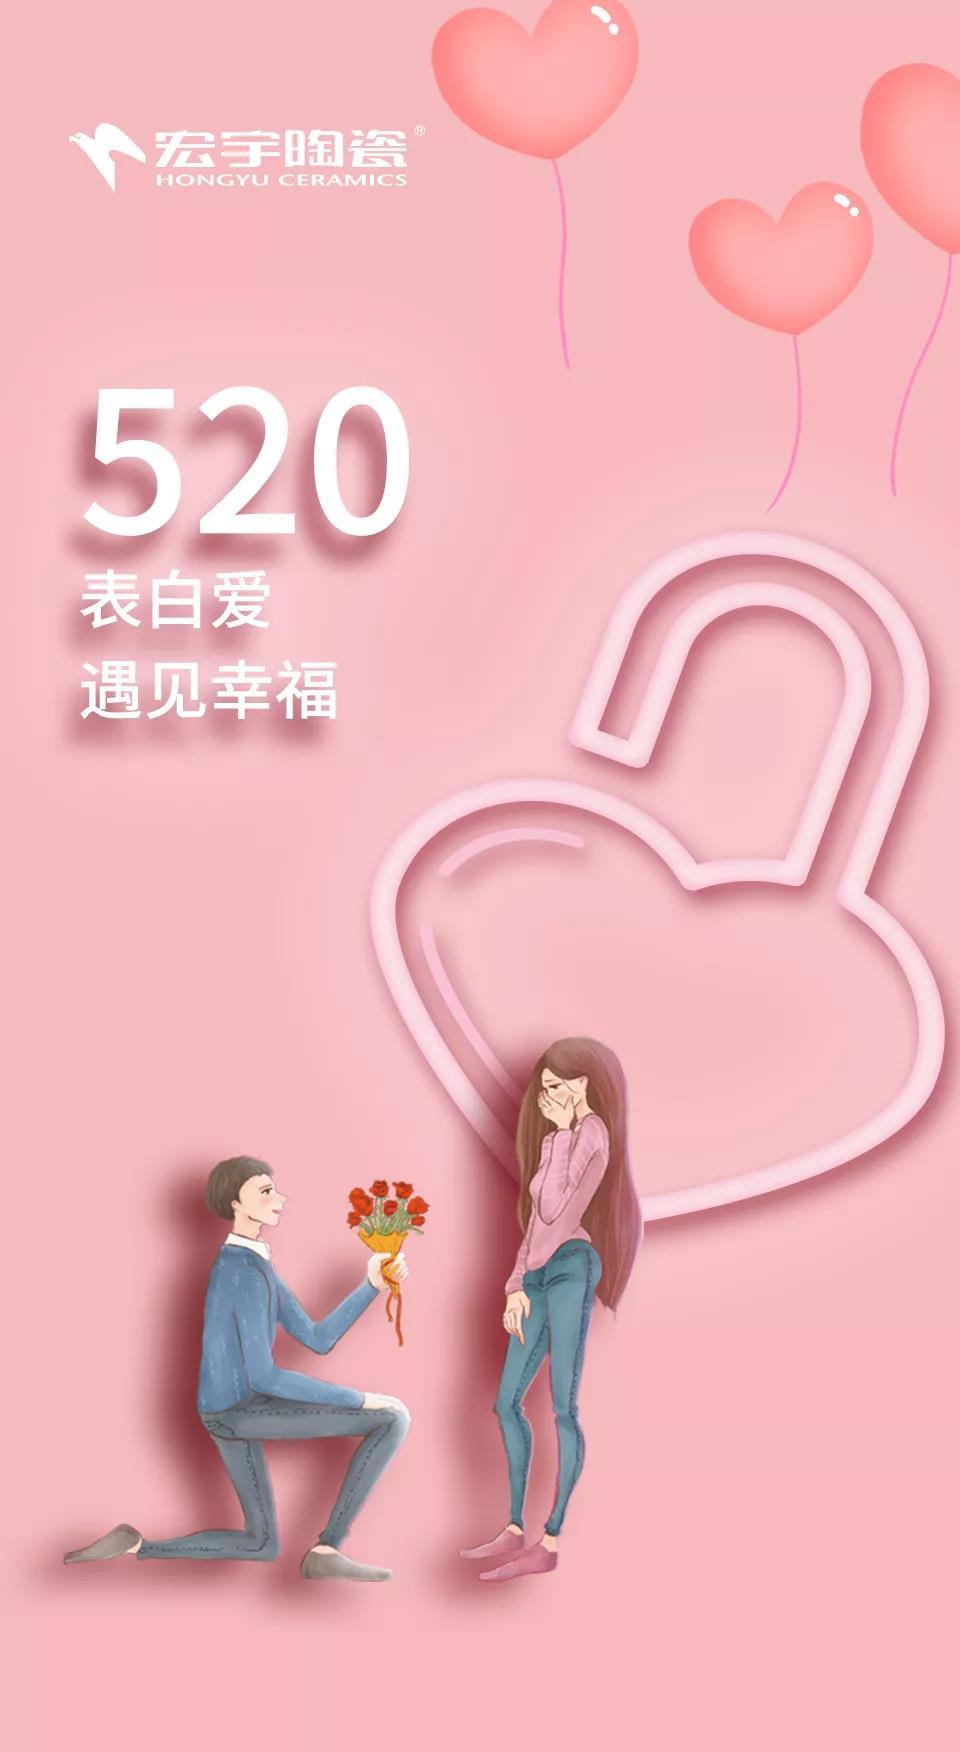 520表白爱 | 在宏宇,遇见幸福!